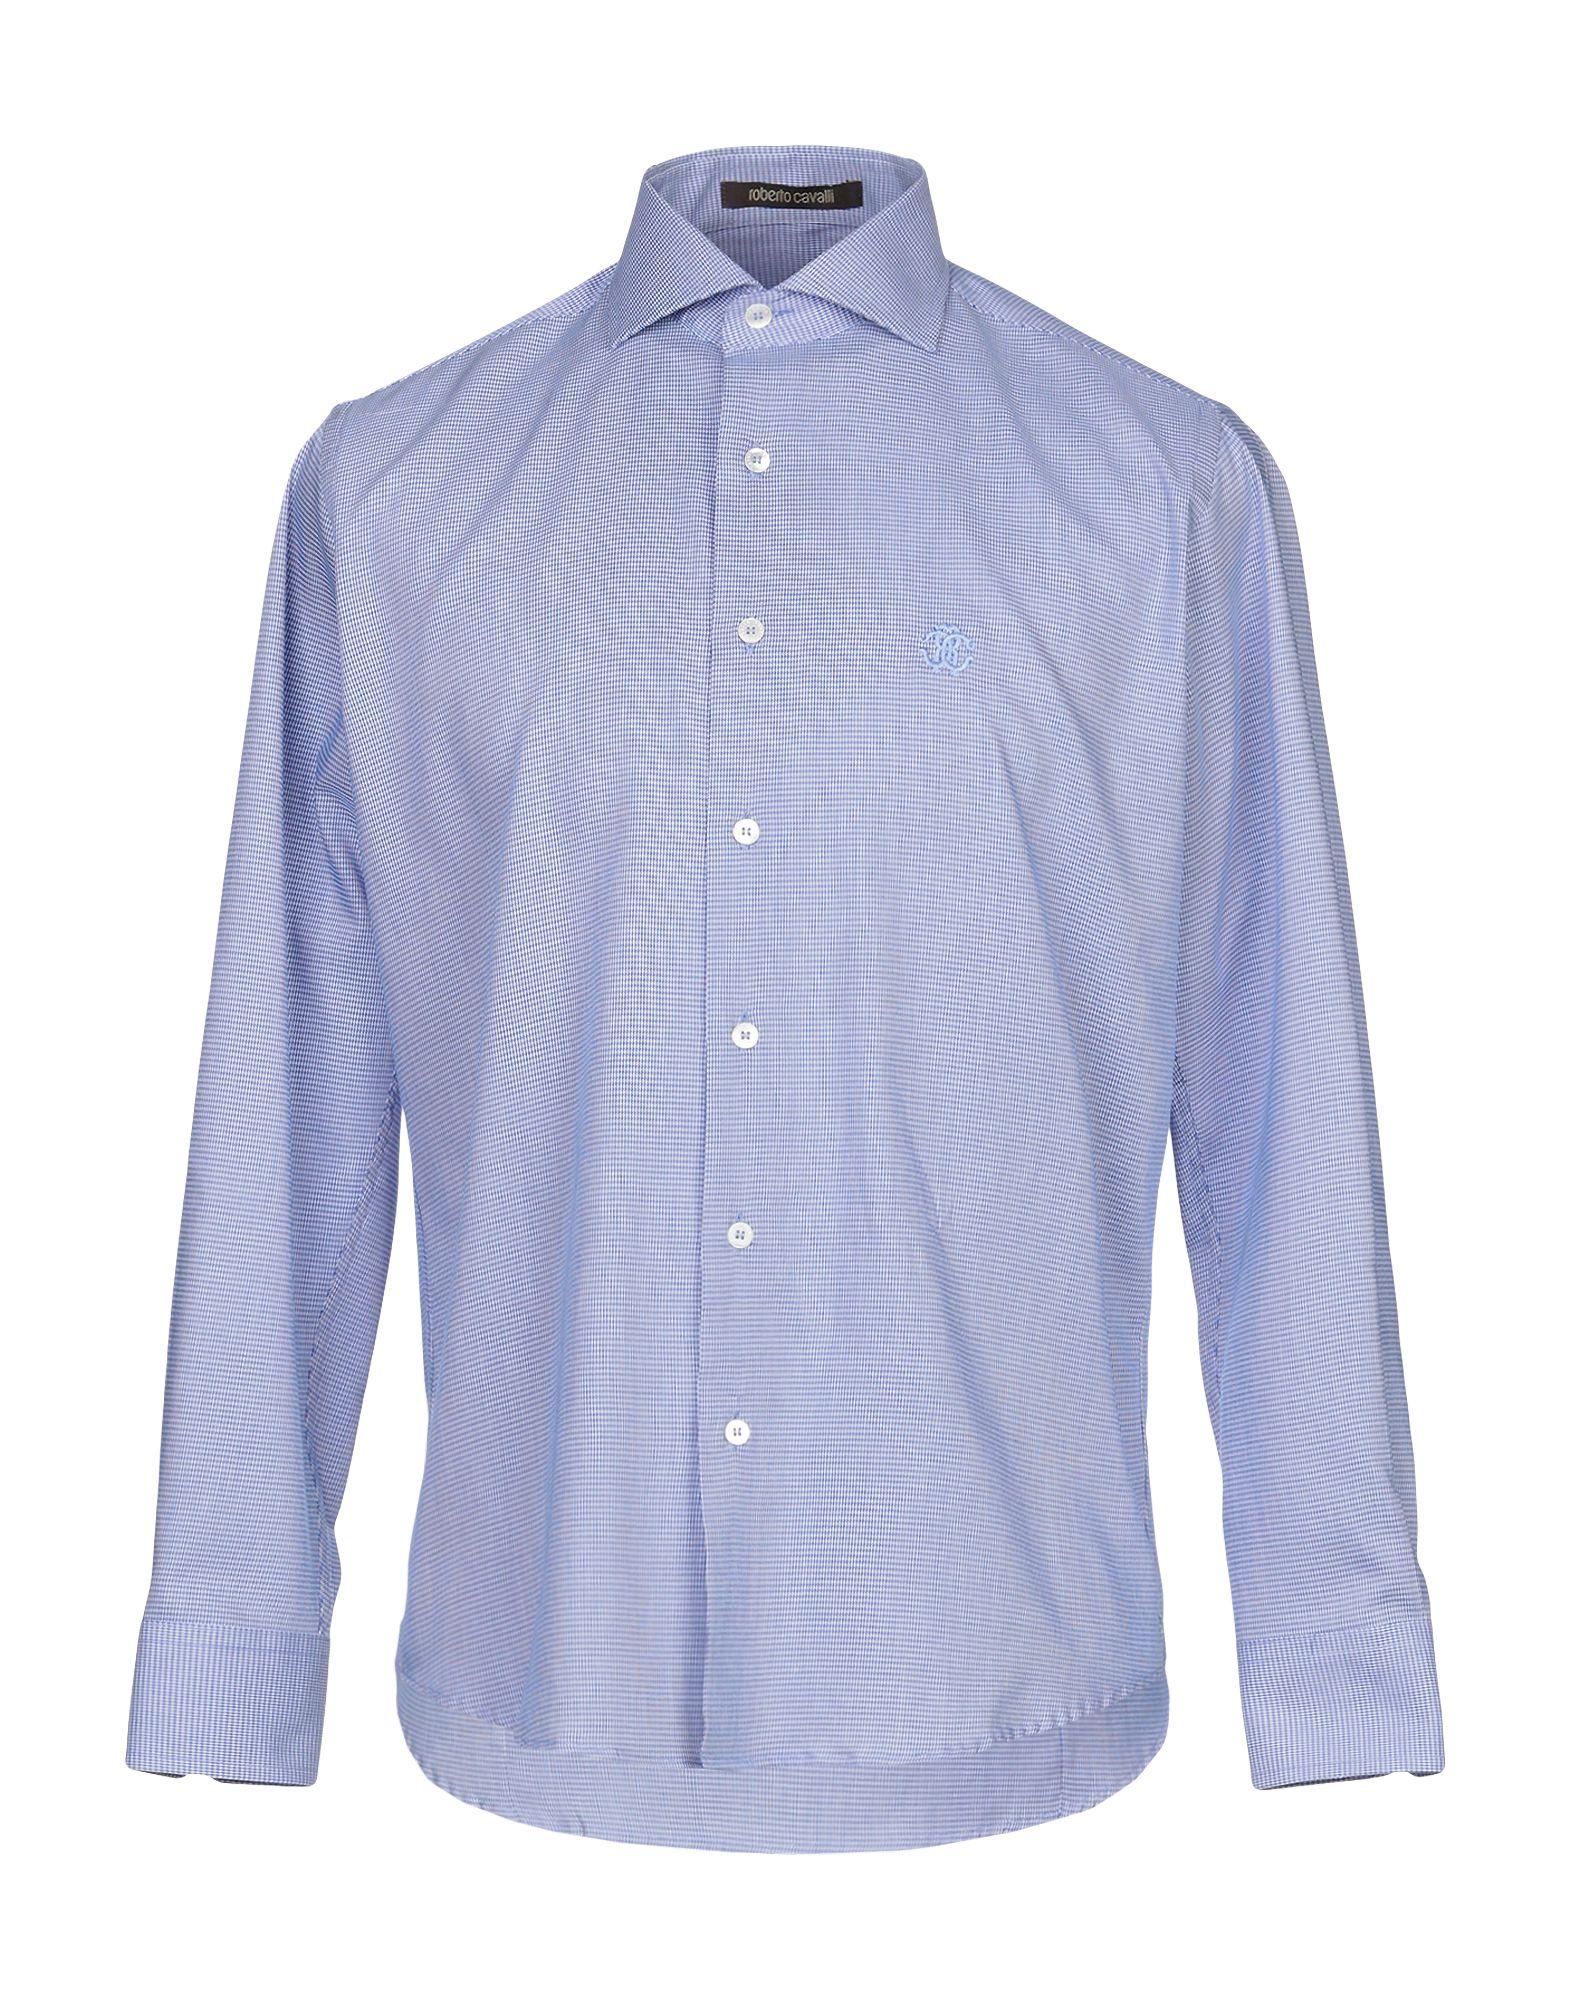 《セール開催中》ROBERTO CAVALLI メンズ シャツ ブルー 39 コットン 100%